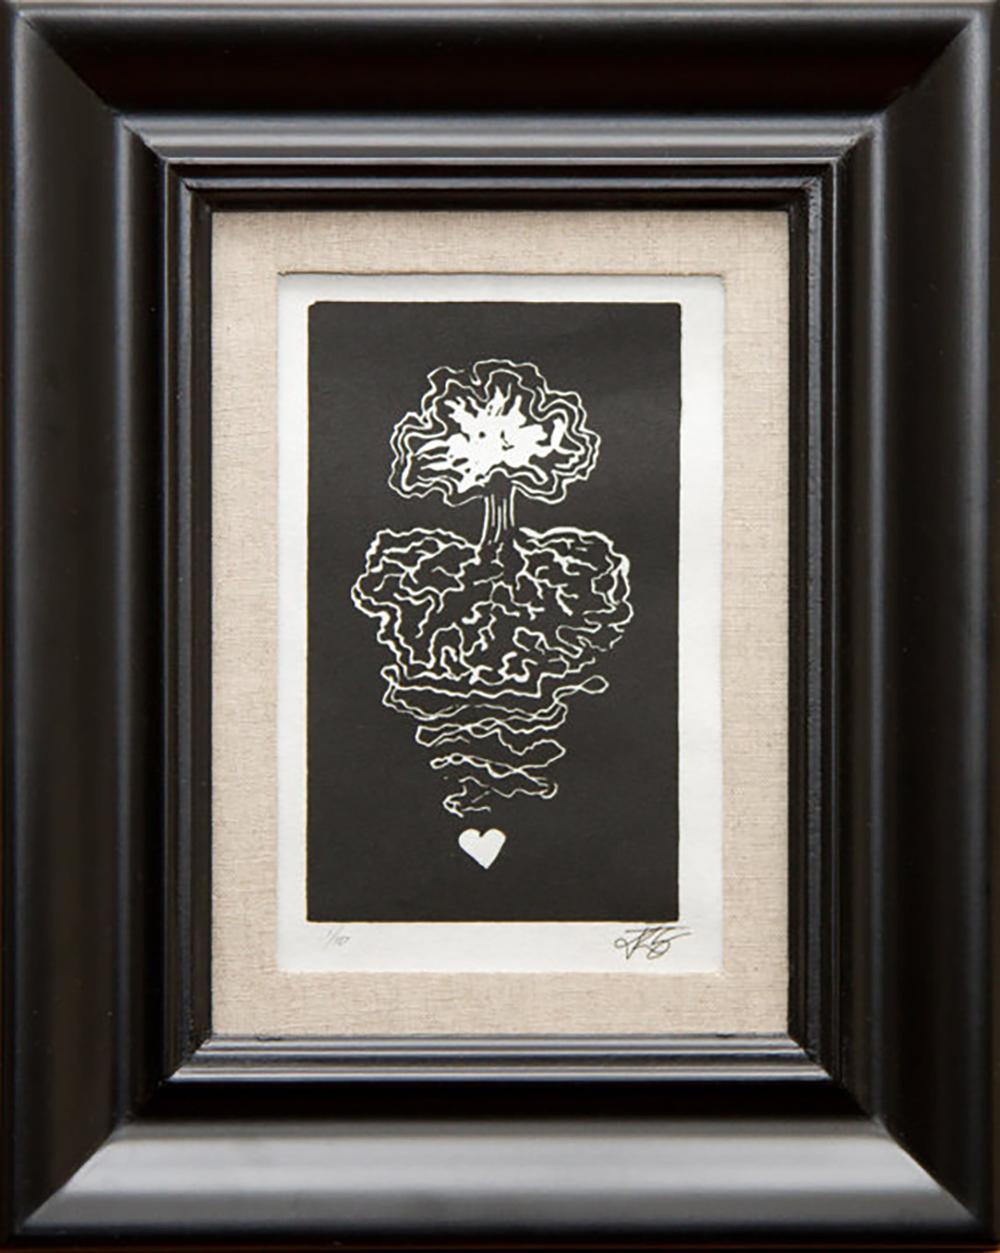 Linocut framed print, $35